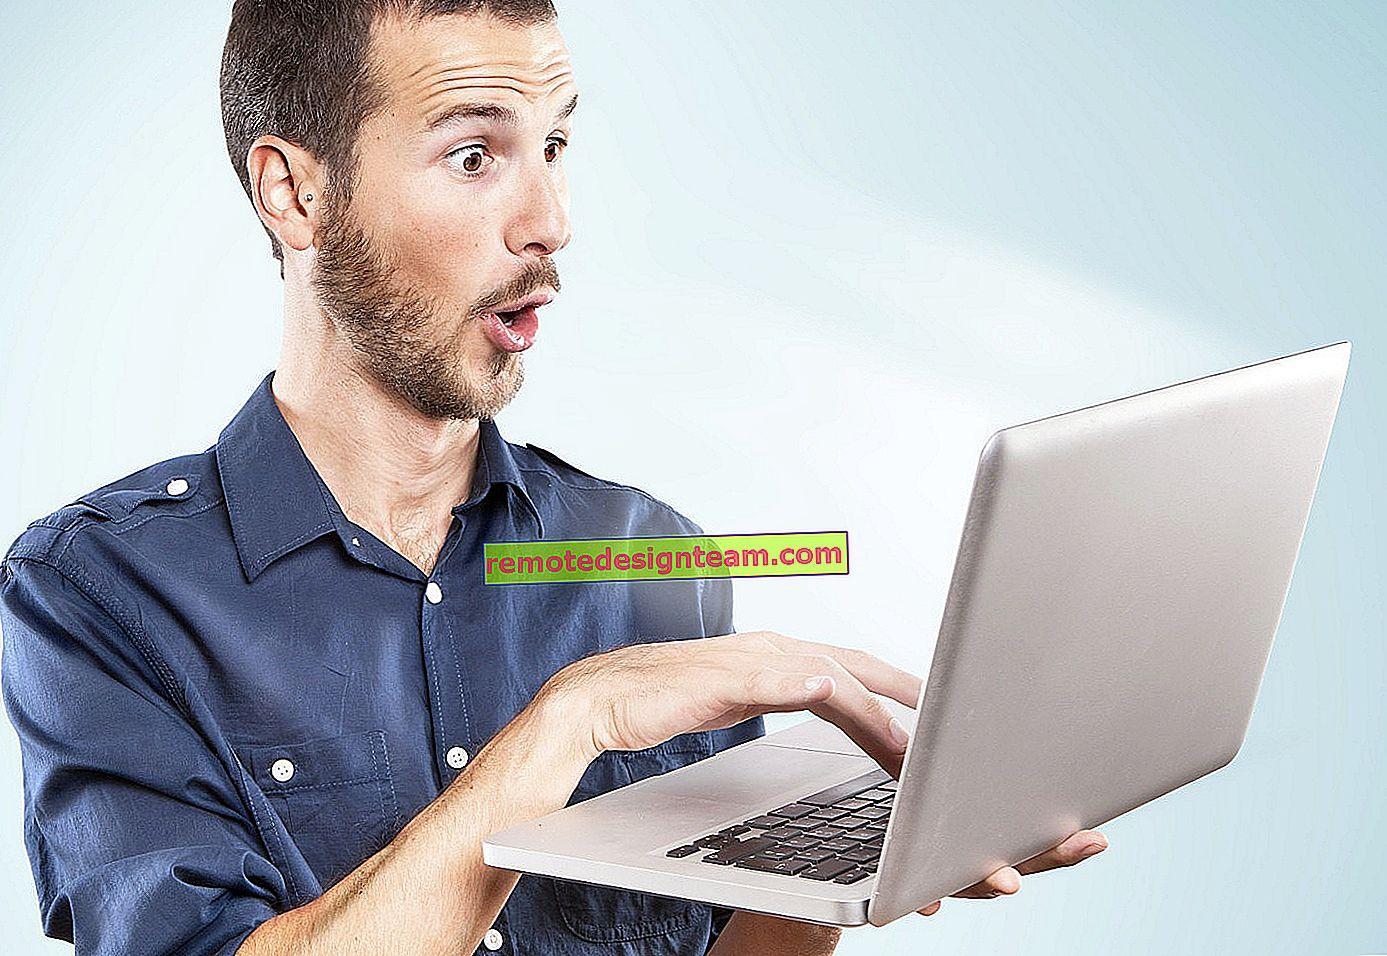 Wi-Fi ile akıllı soket. Ne olduğunu?